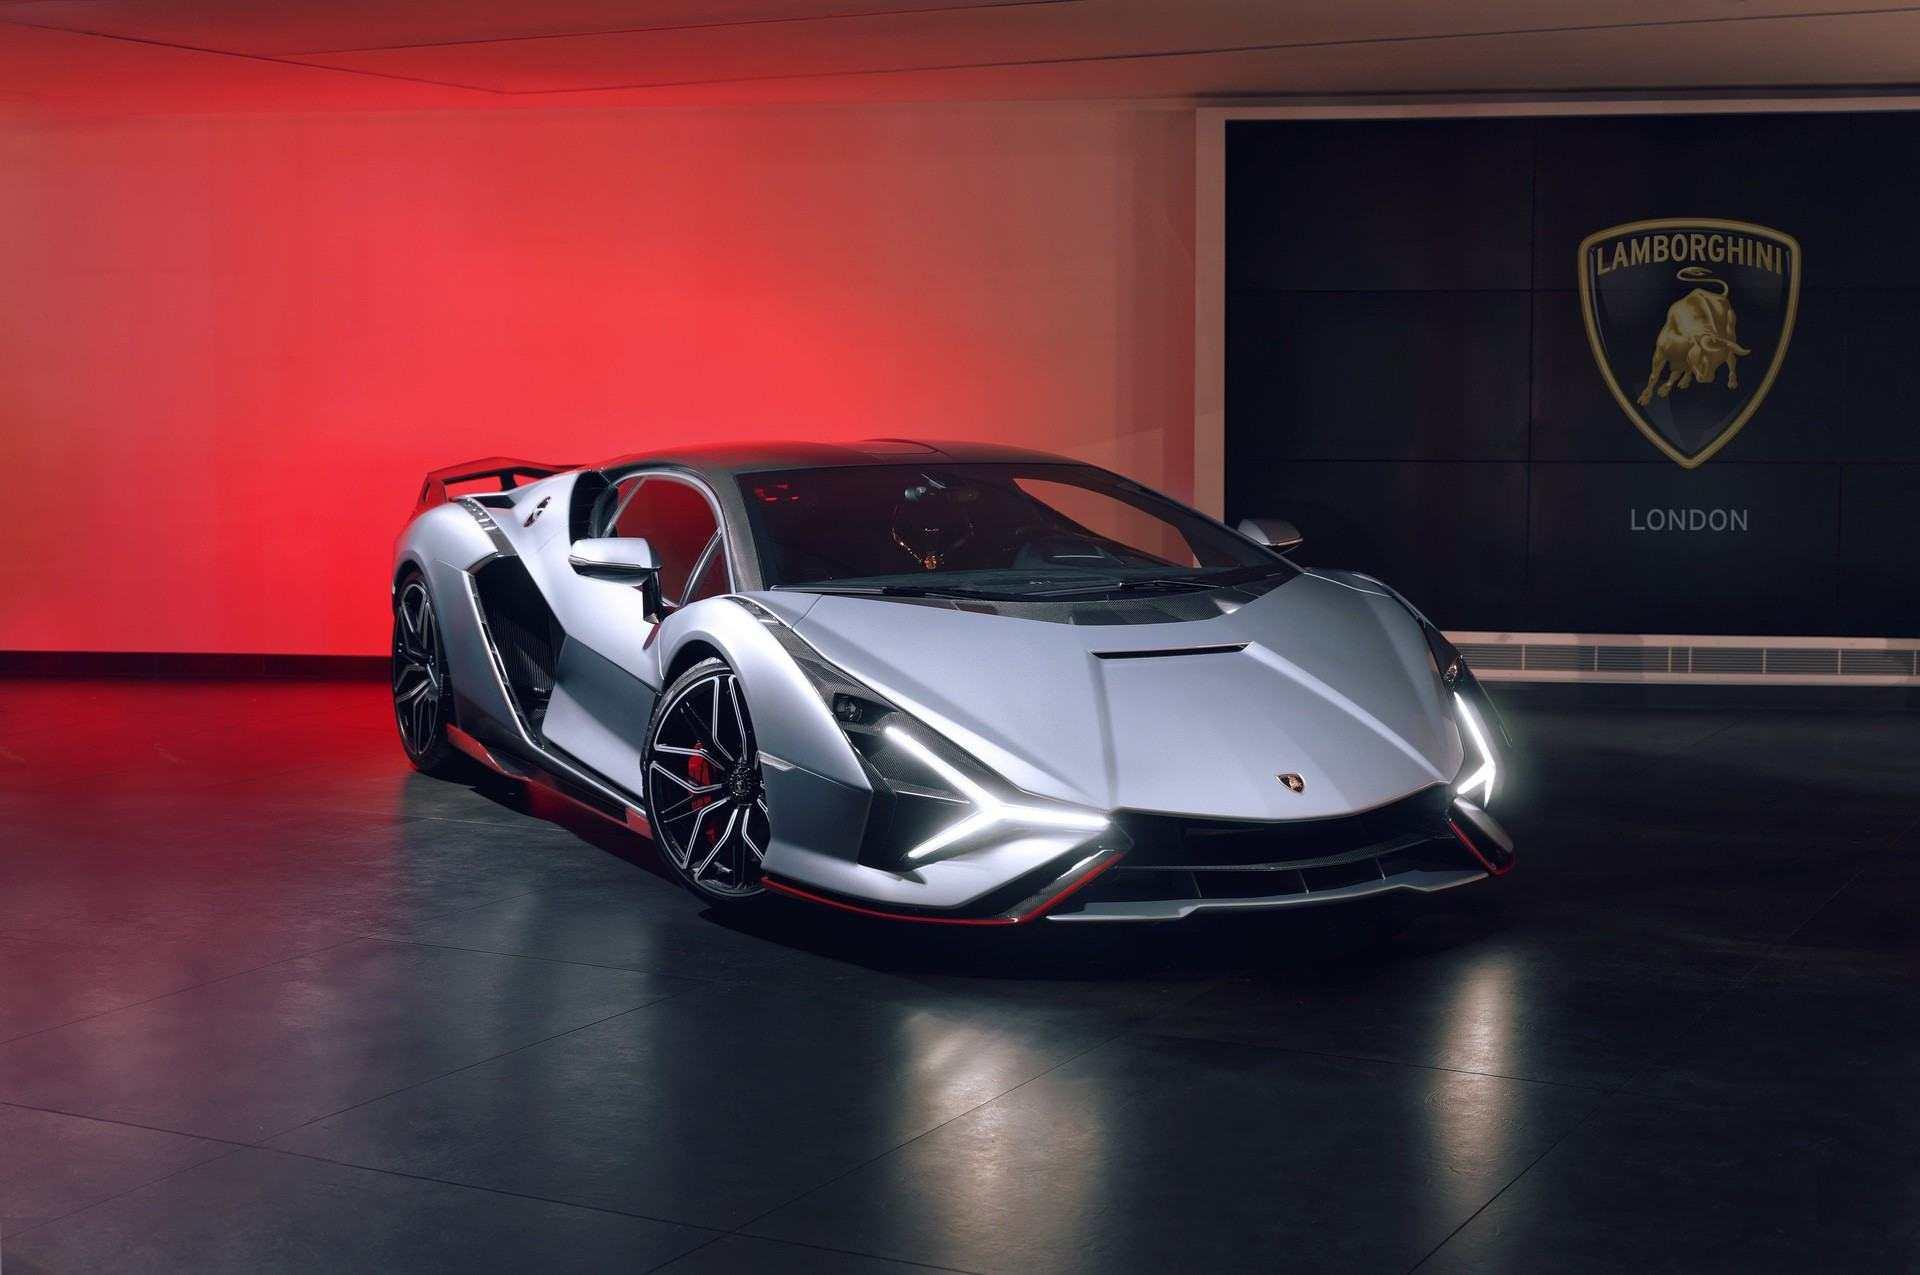 Lamborghini_Sian_London_0010